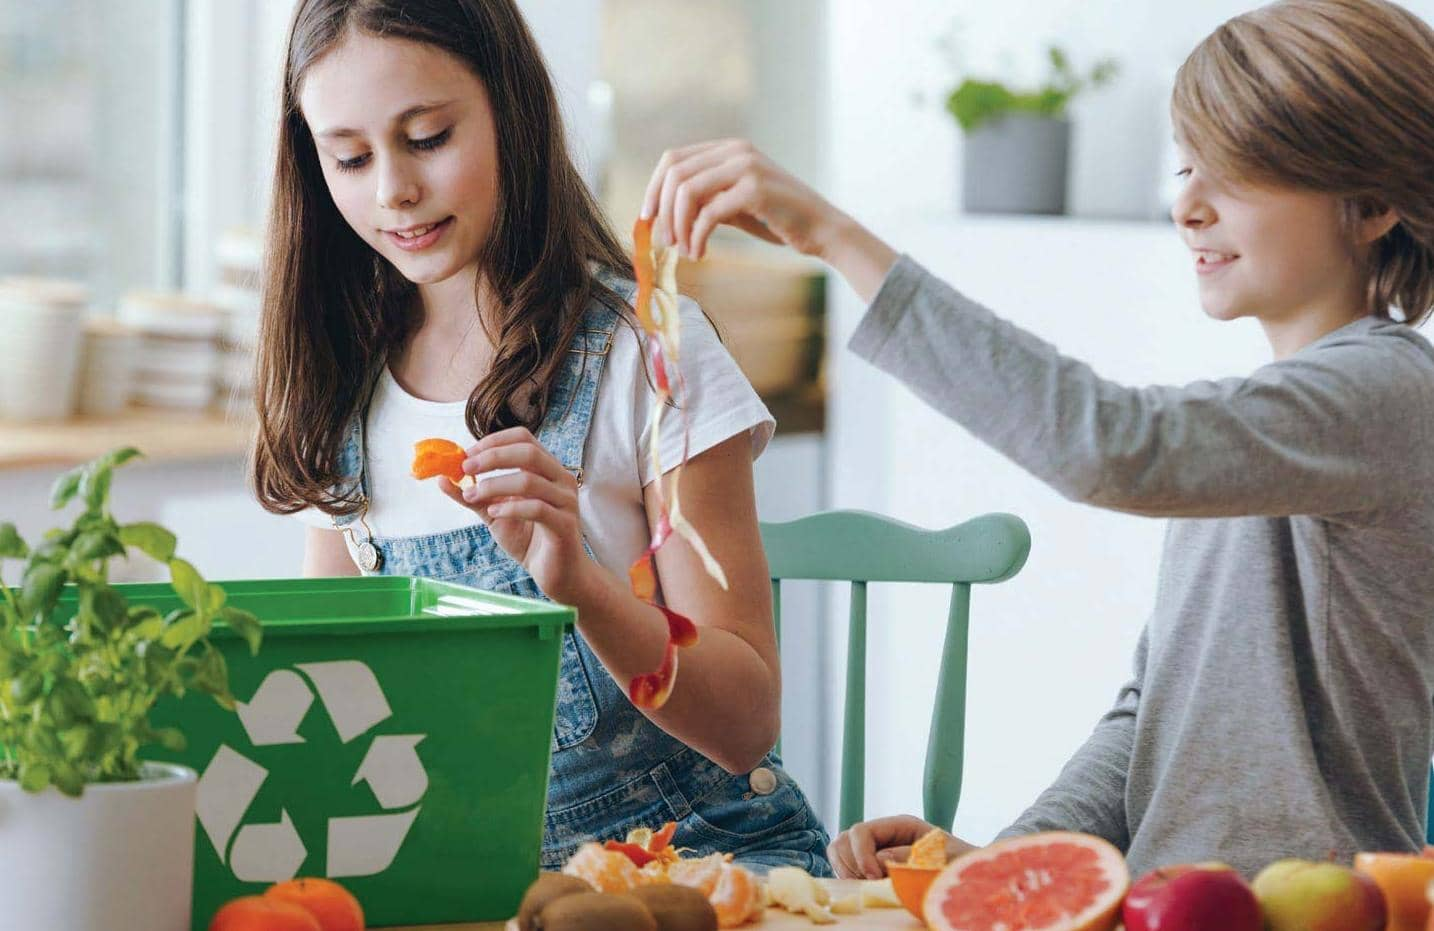 Cómo enseñarles a cuidar del medioambiente